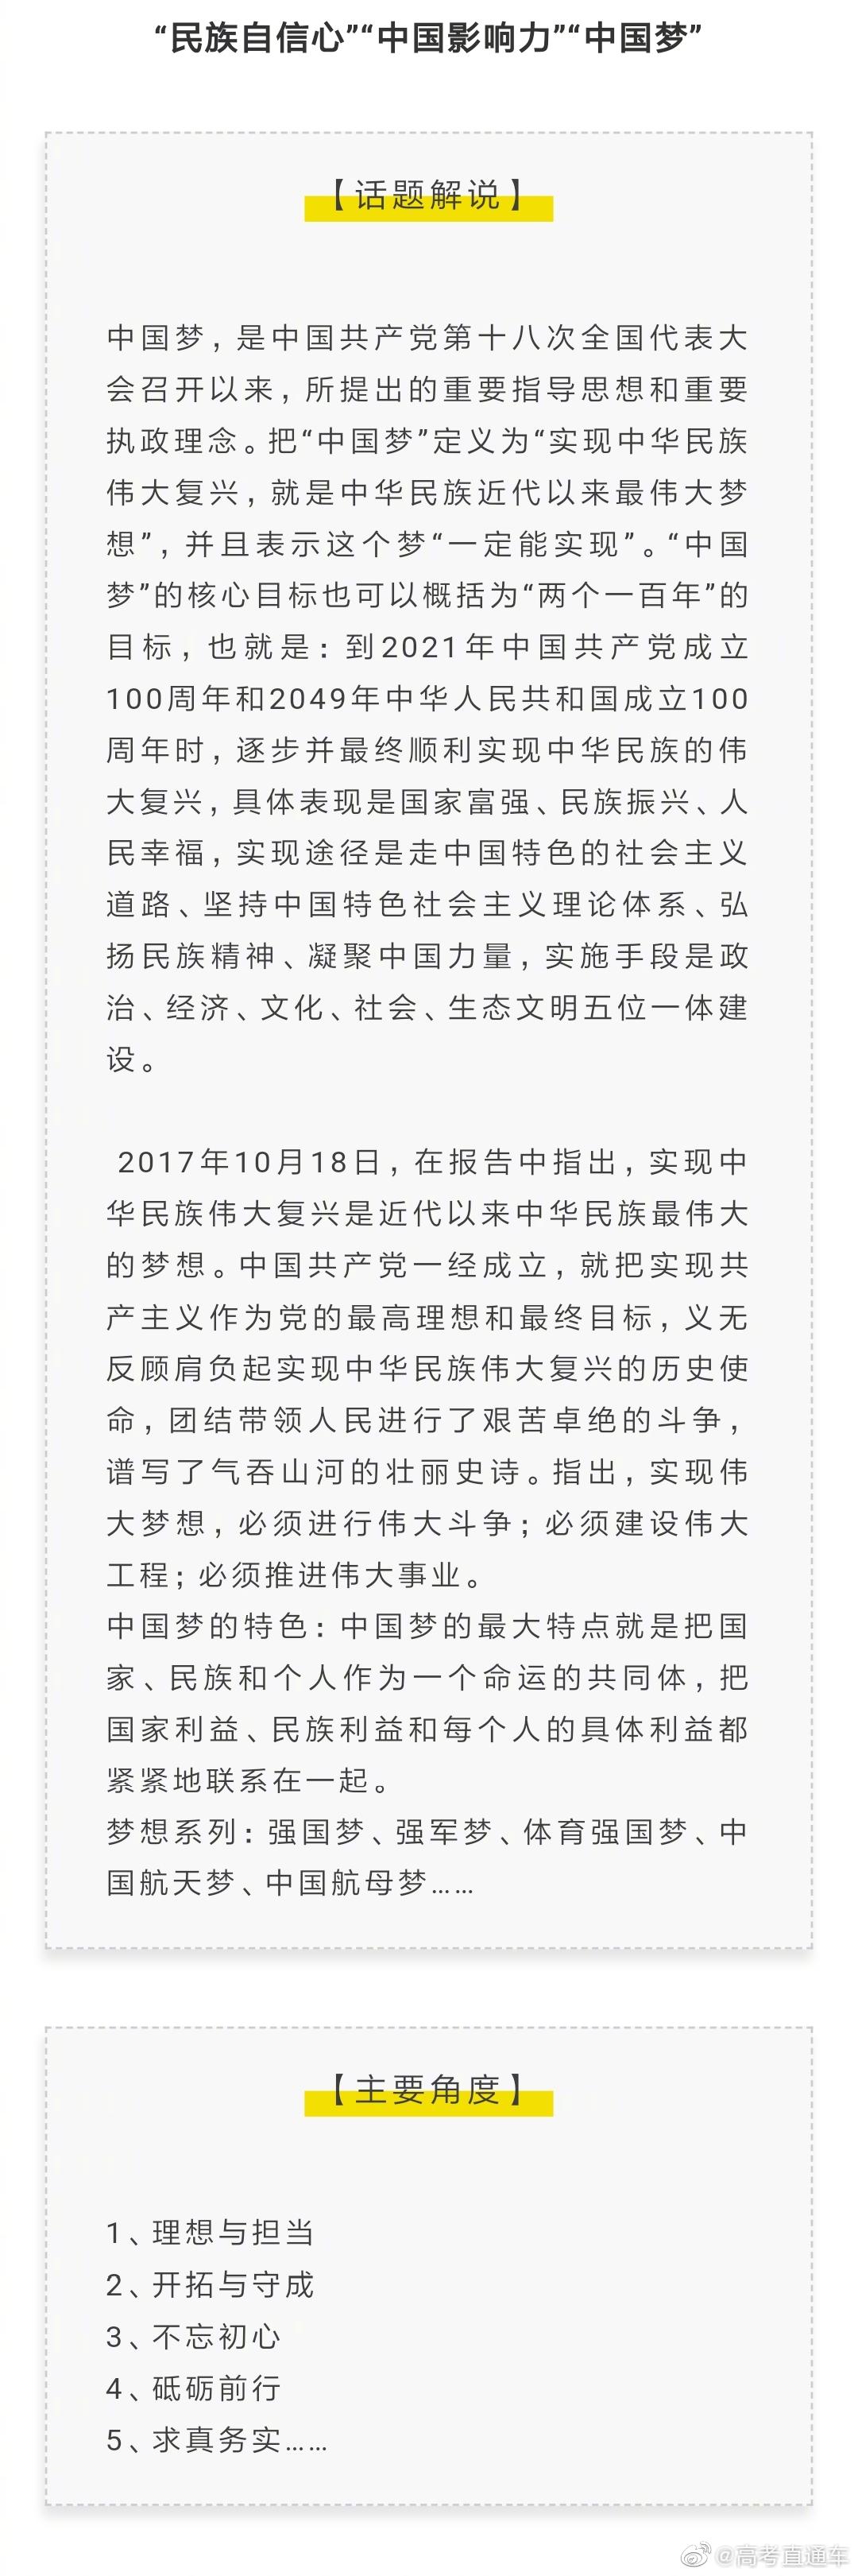 2019高考作文热门话题预测:中国梦、中国影响力!附高分素材